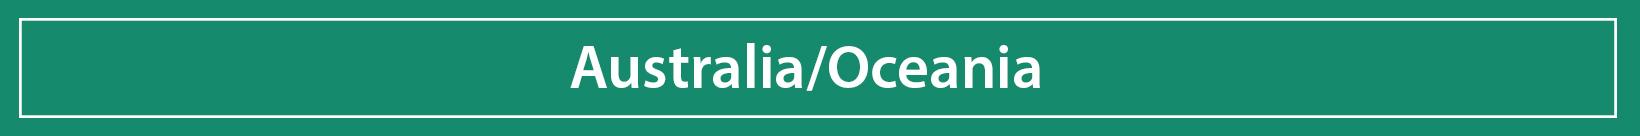 Australia-Oceania.jpg